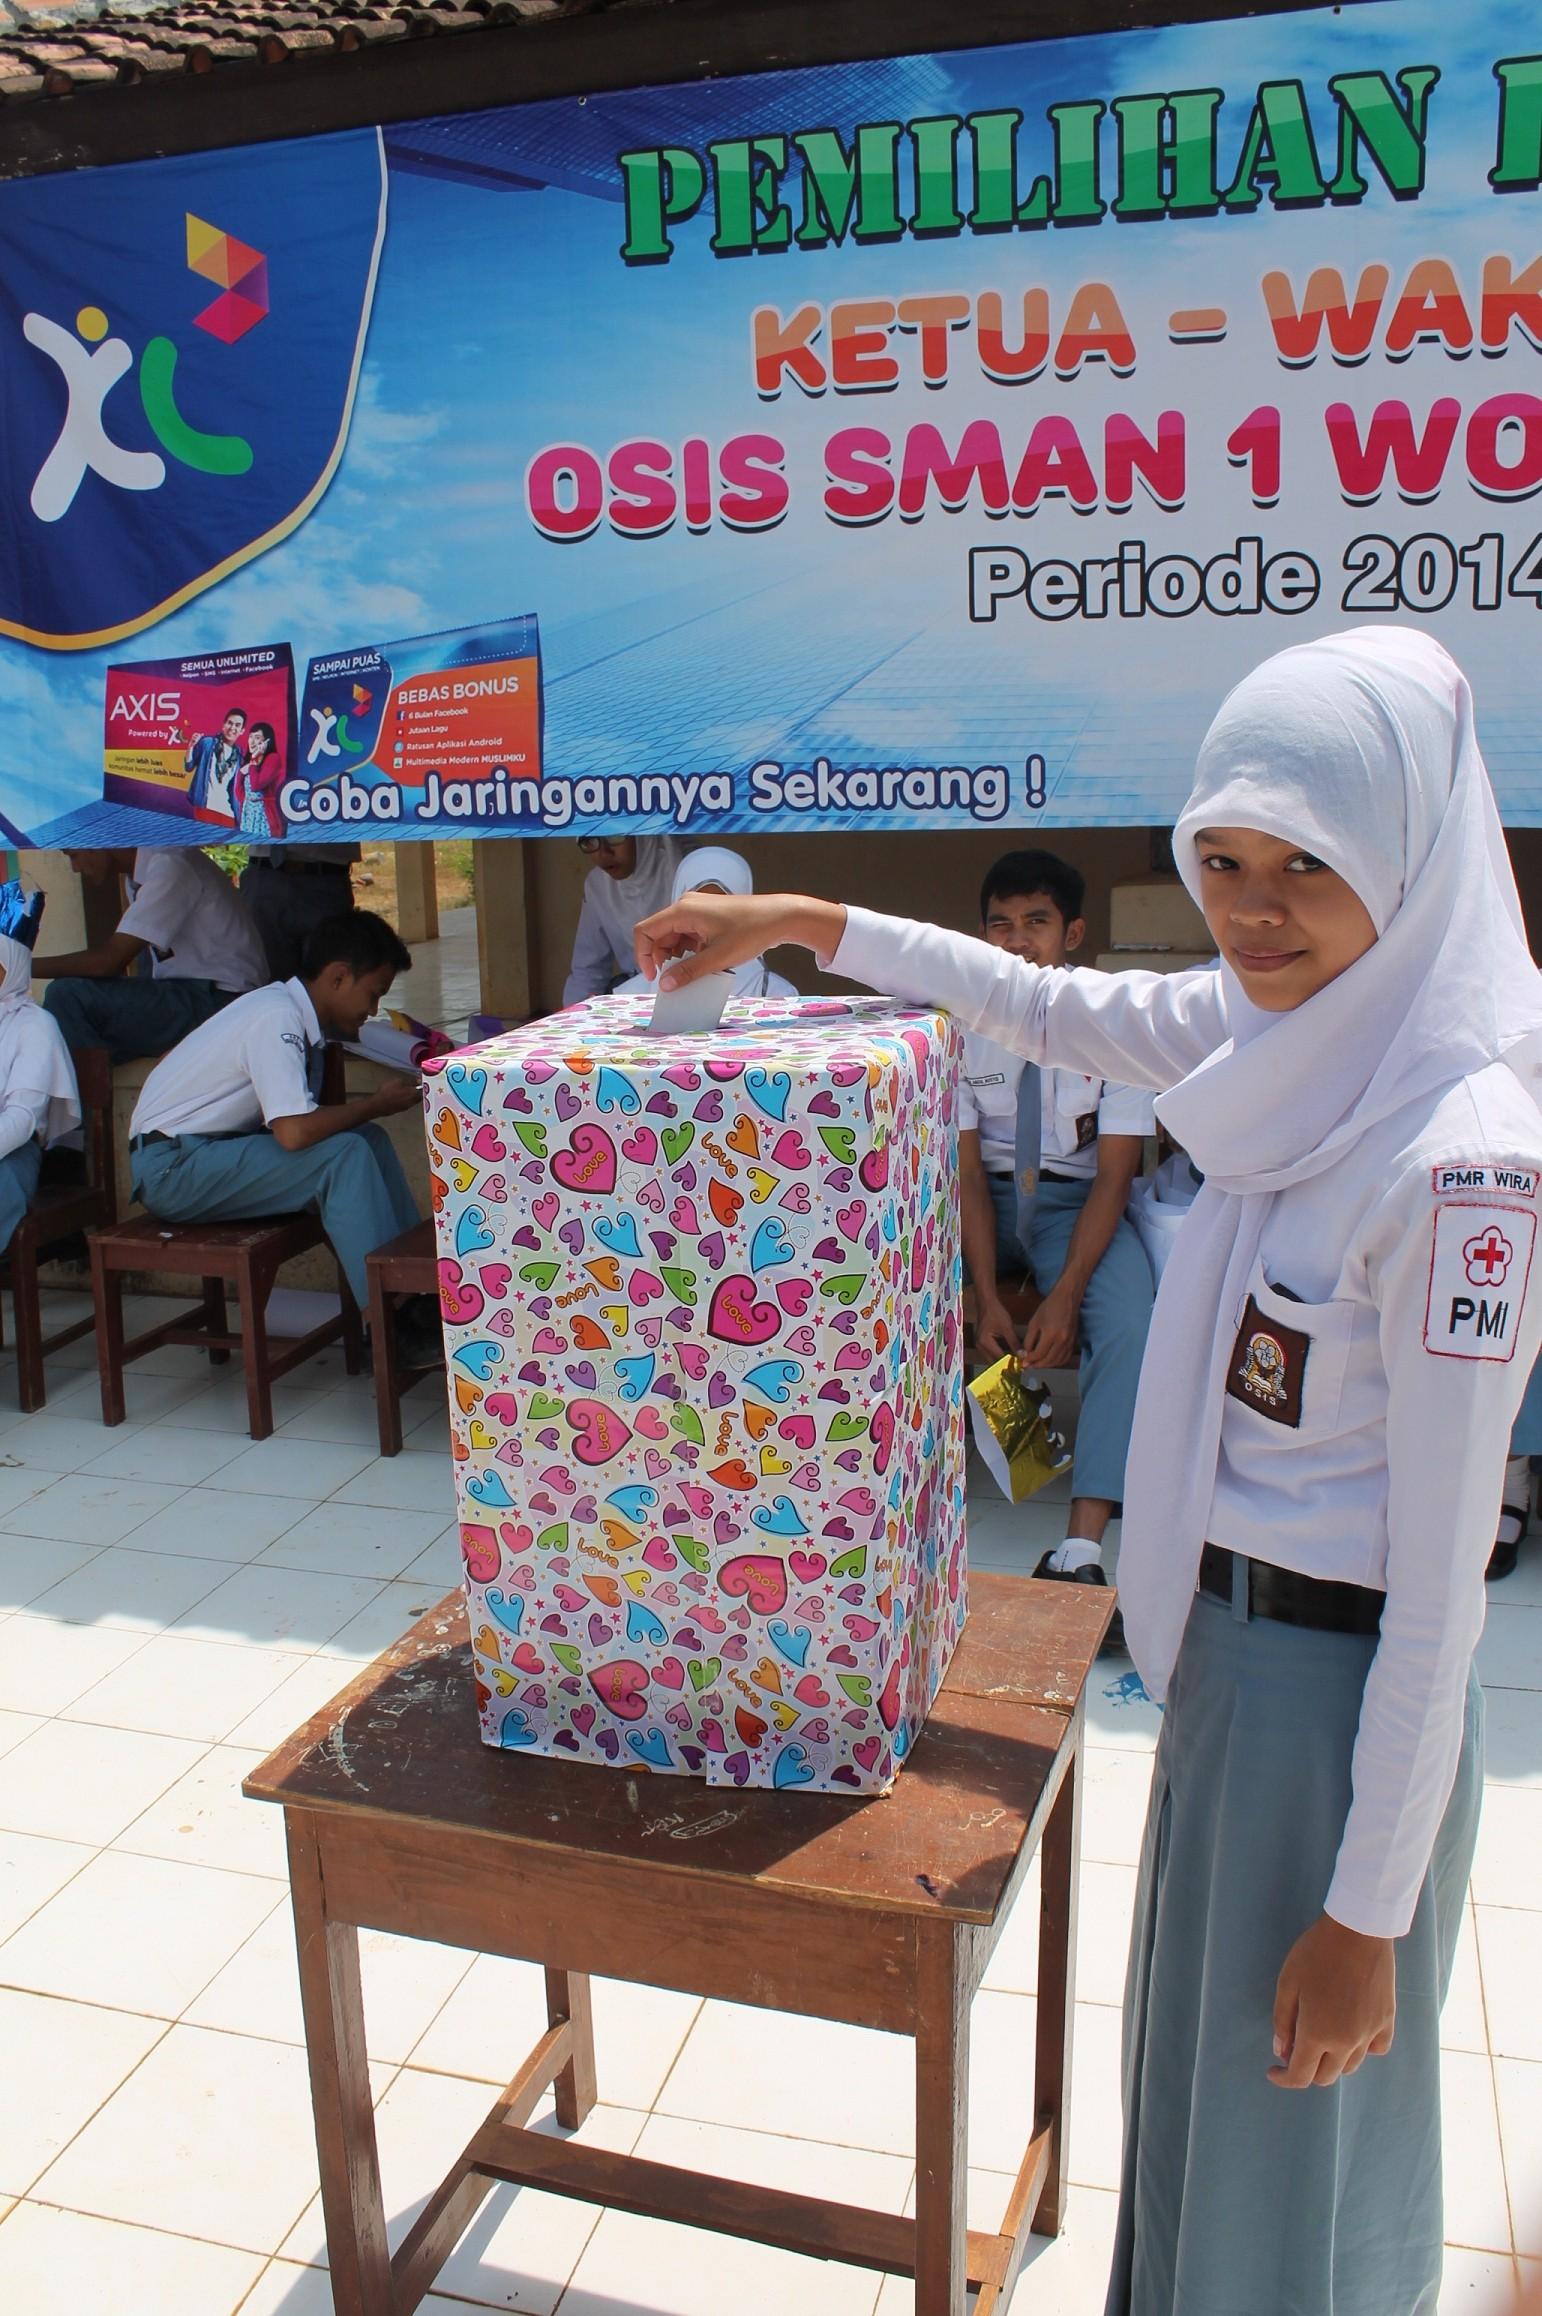 Ficky Septi Yurini Terpilih Sebagai Ketua OSIS 2014-2015